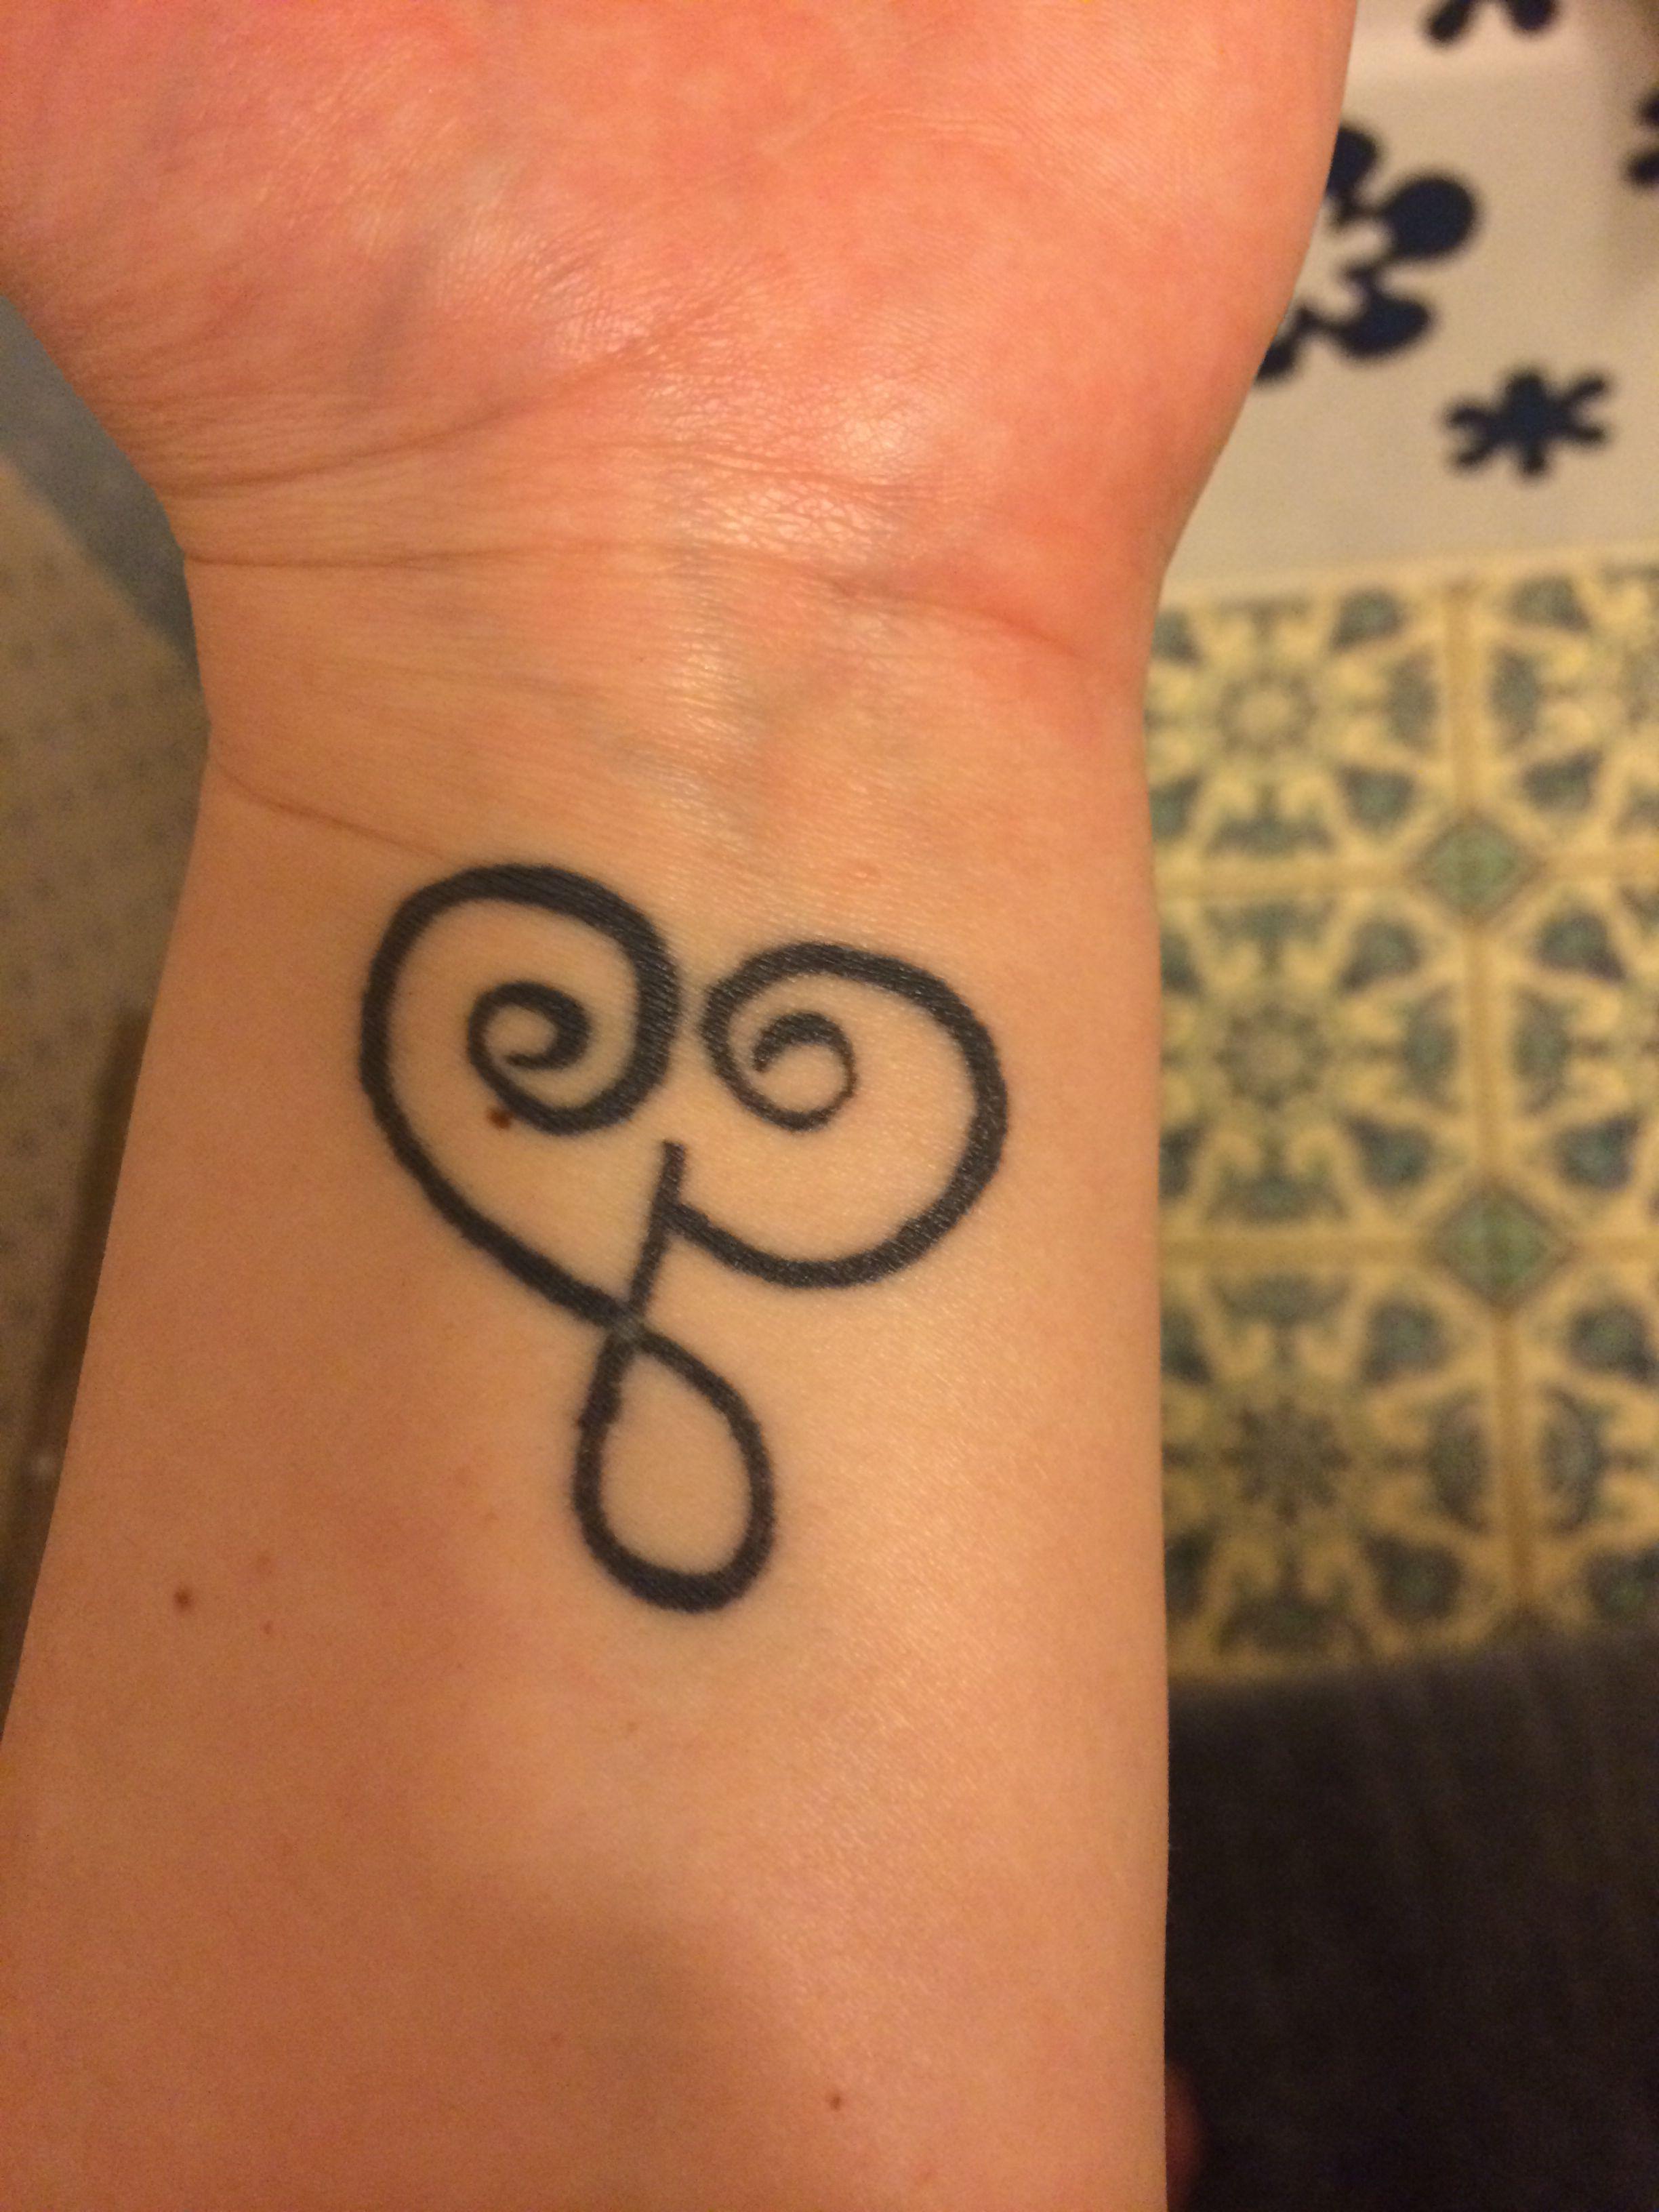 Zibu tattoo meaning